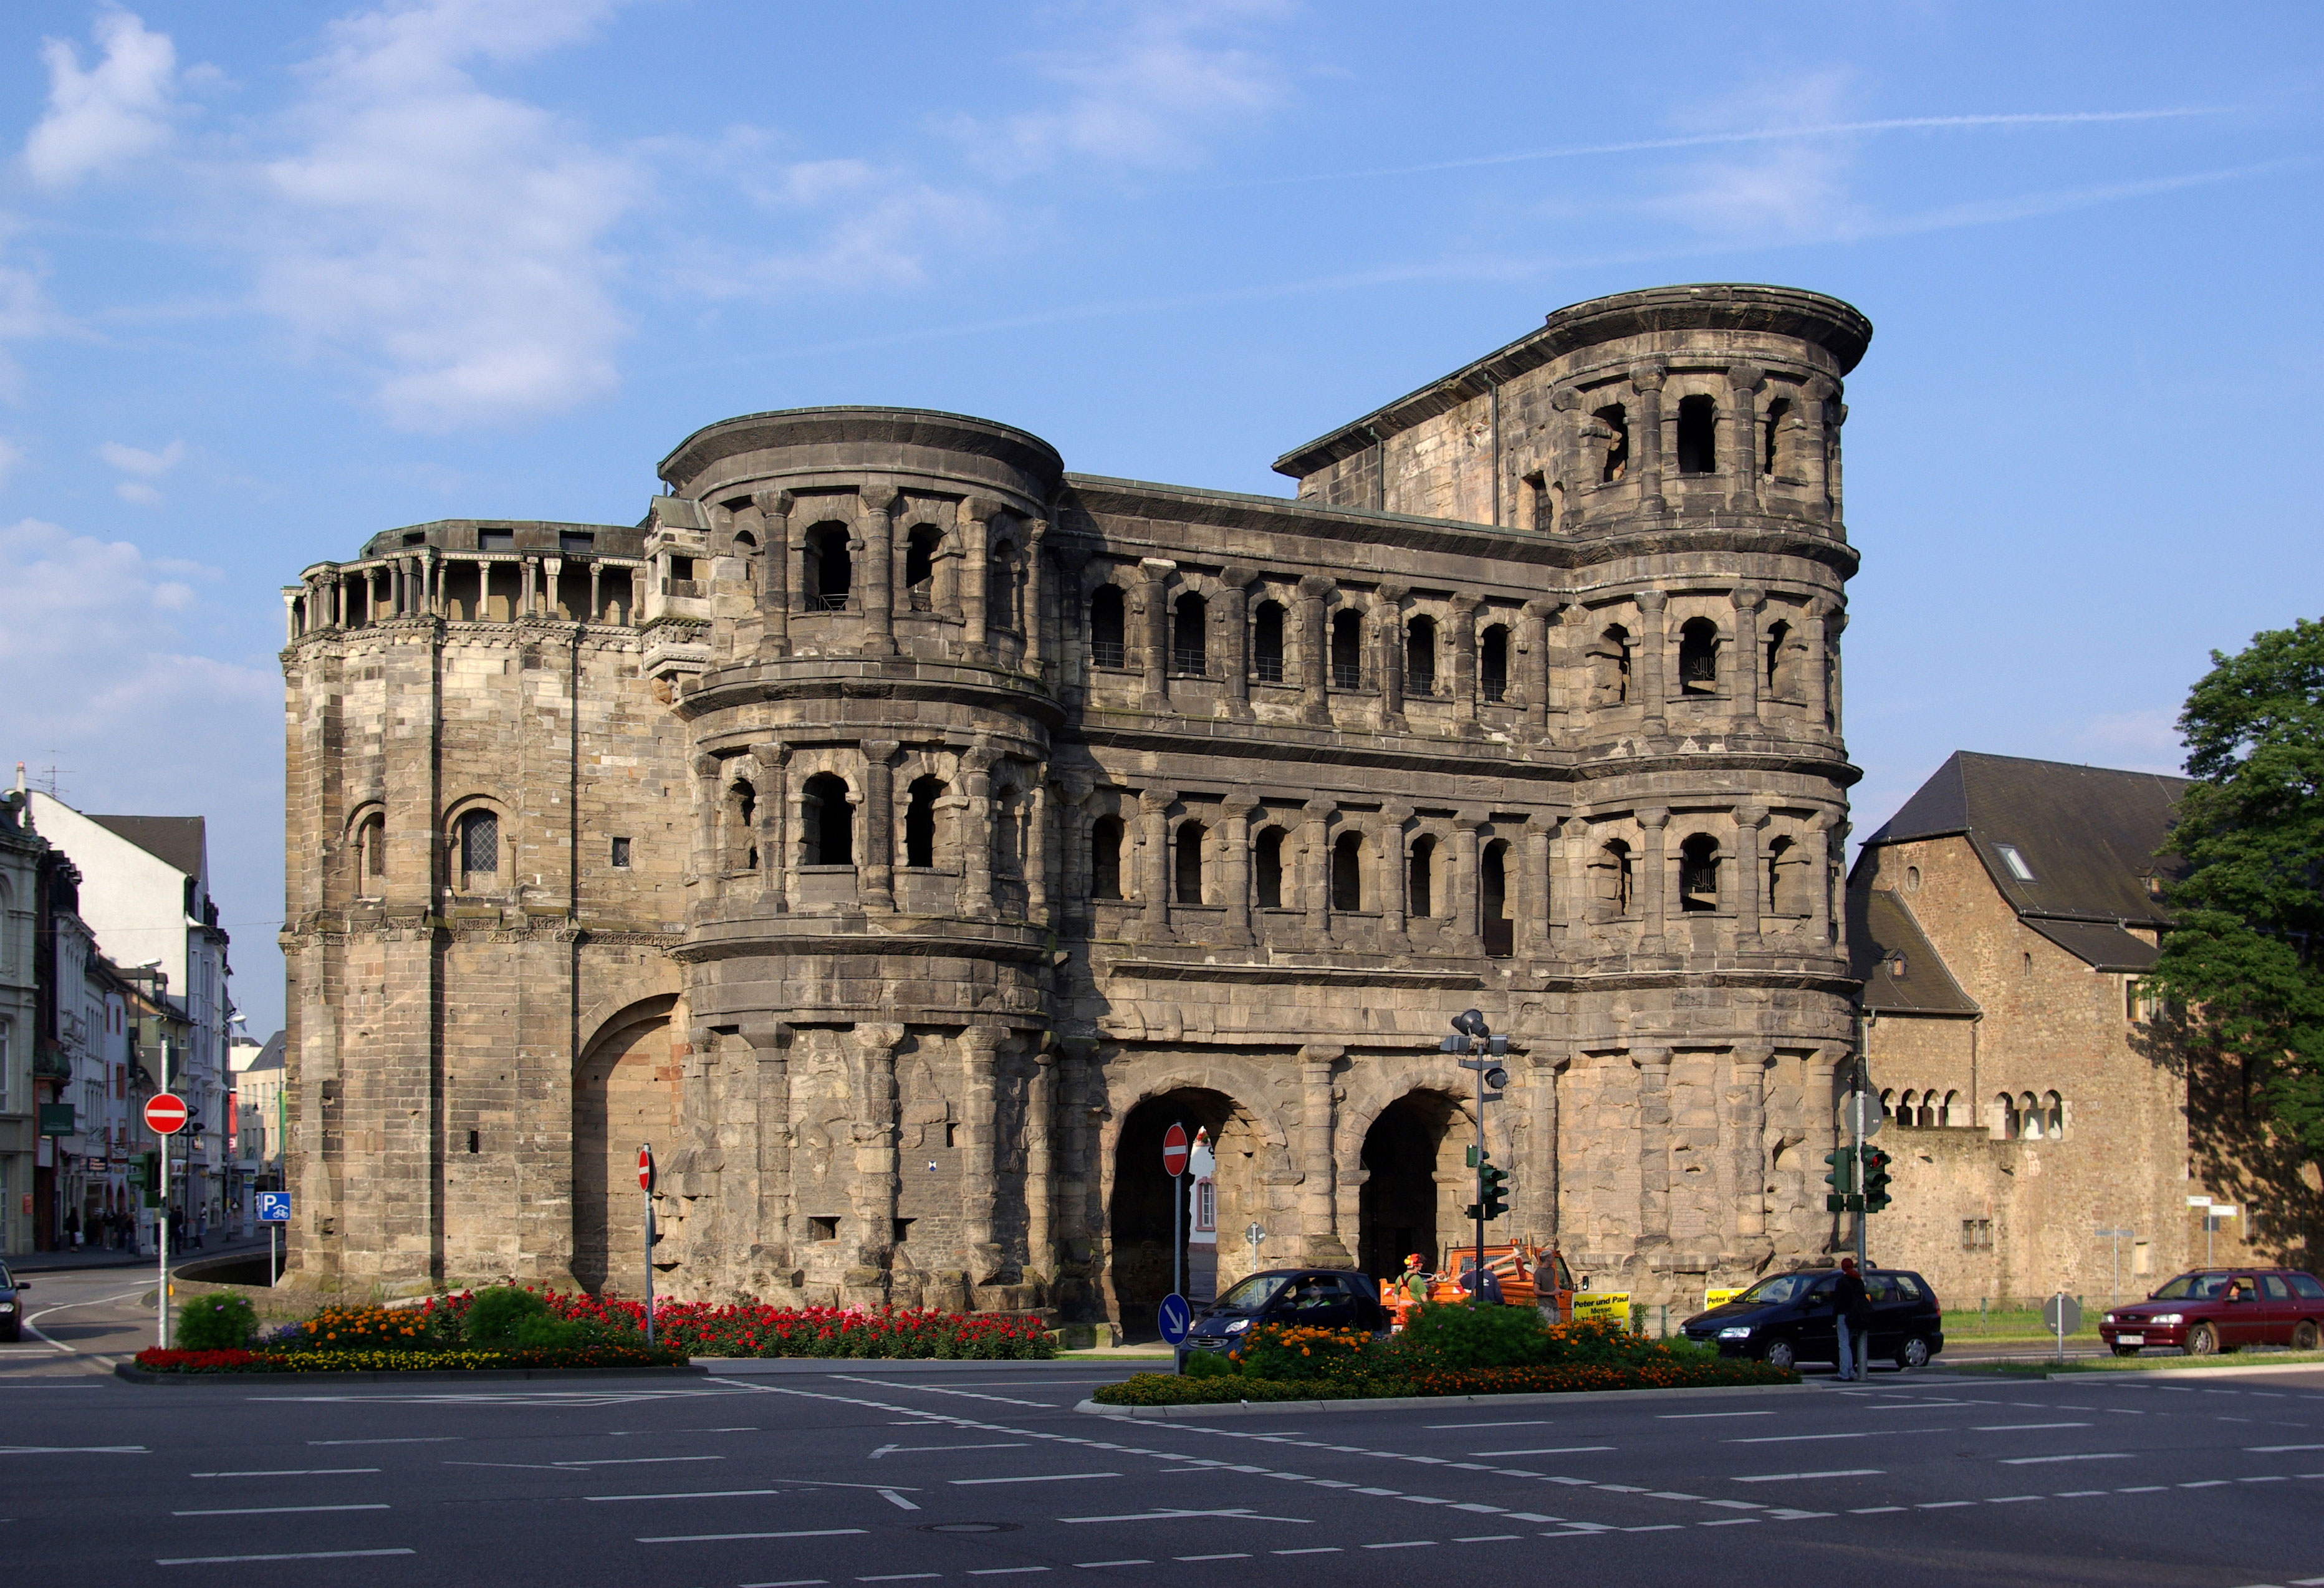 Црна капија (Porta Nigra), изграђена око 200. године. као капија римског града Августа Треверорум (данас Трир у Немачкој). Град је био главна резиденција Констанција Хлора, а затим и Константина пре 312. године.